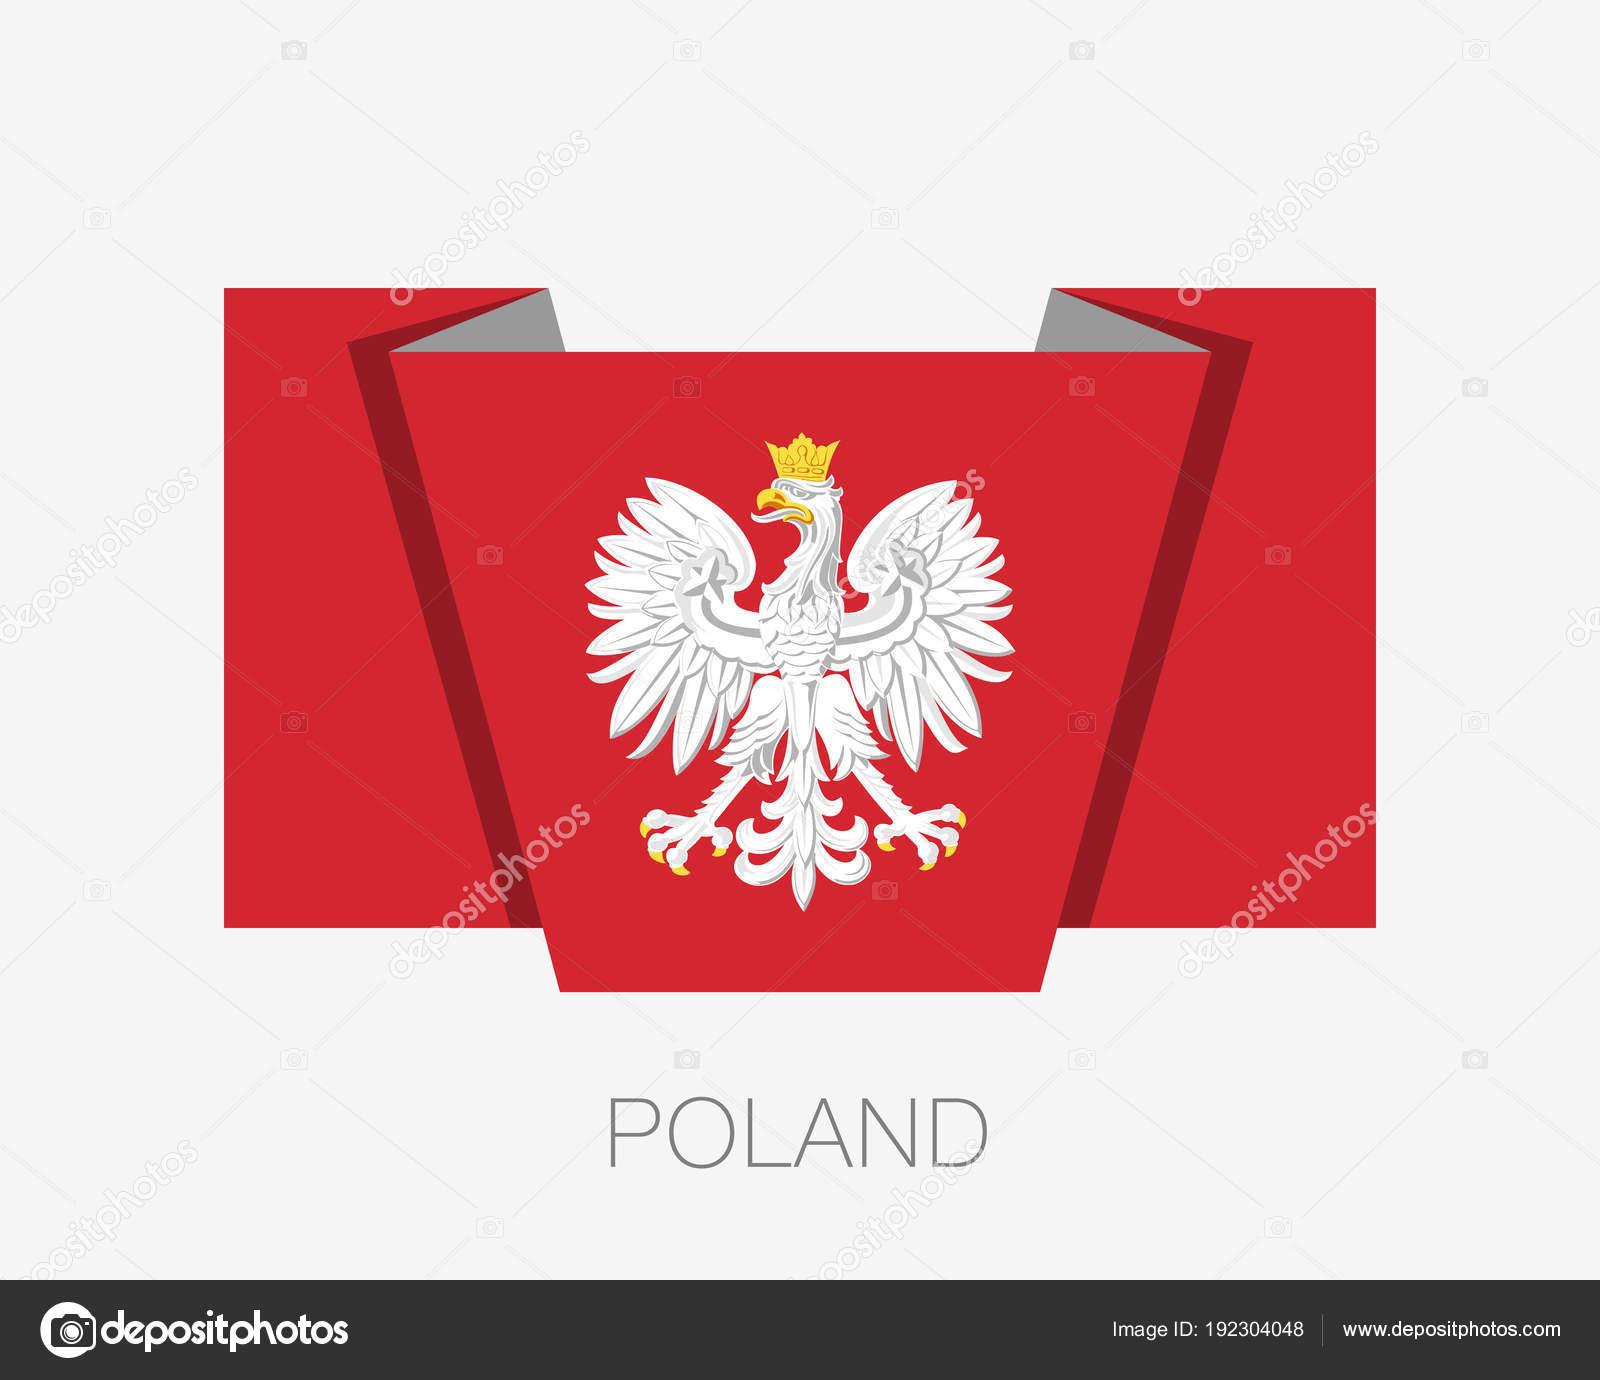 冠鷲。ポーランドの国章。フラッ...